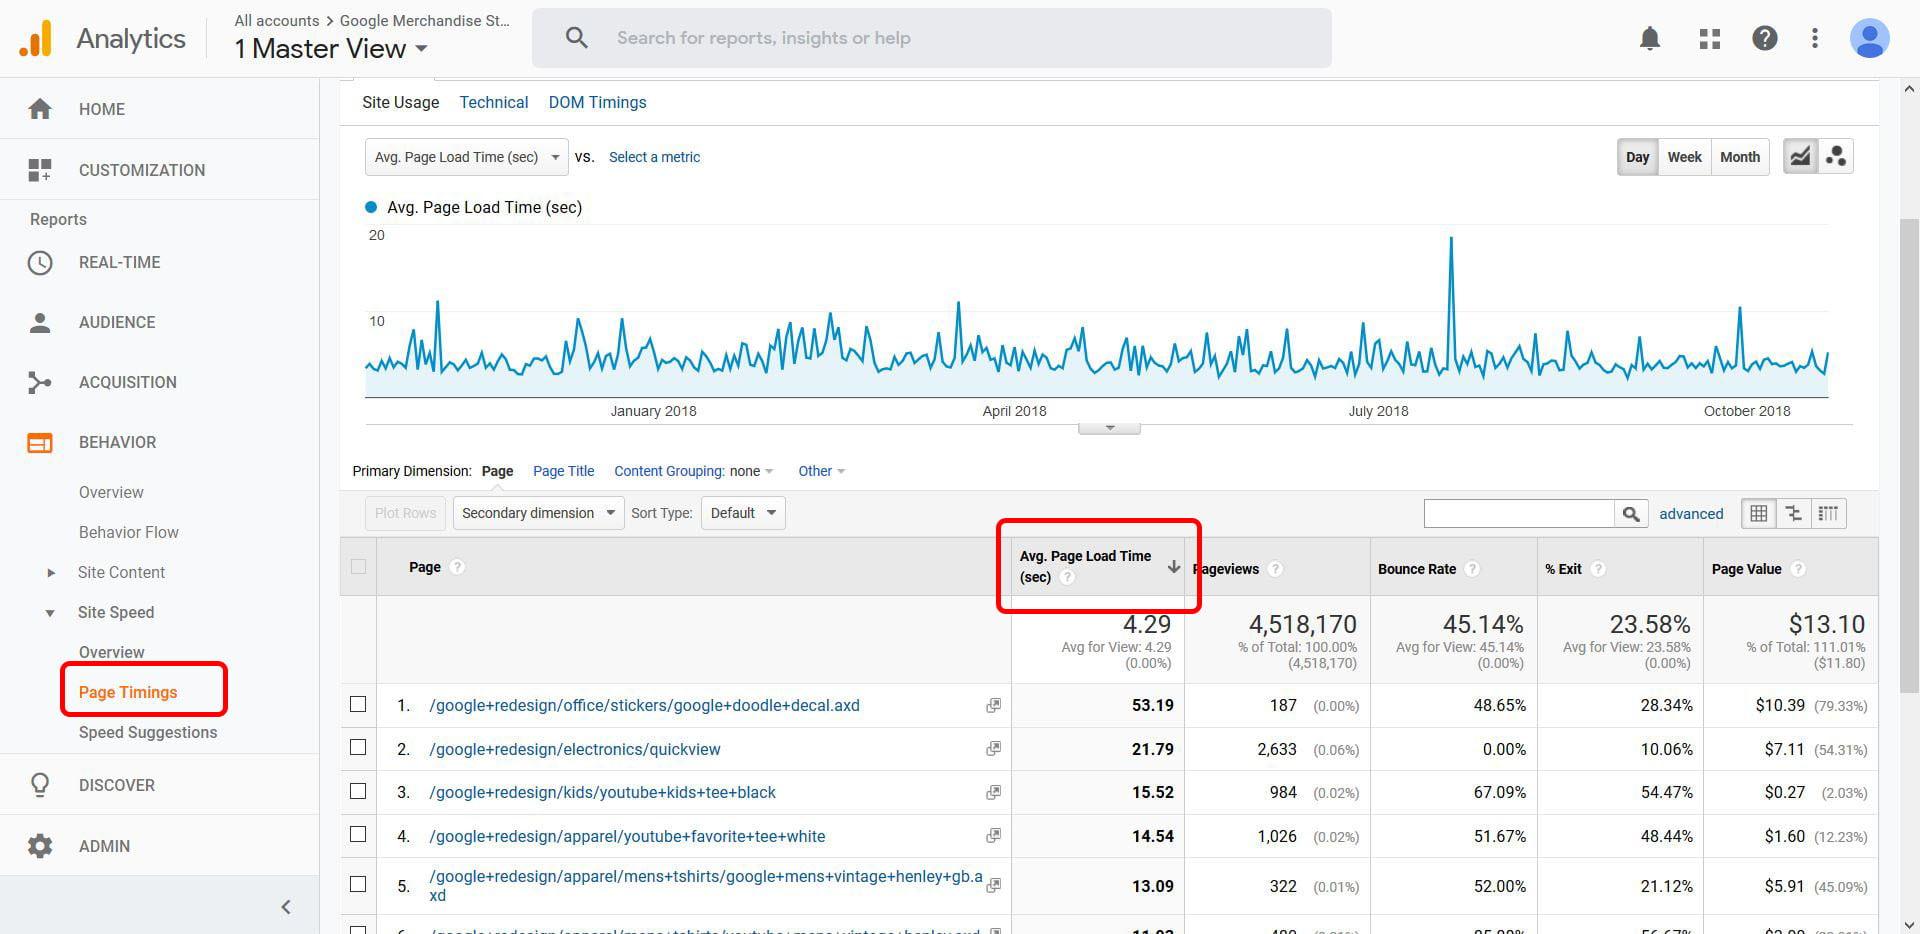 بررسی گزارش Page Timings به منظور بهبود سرعت در گوگل آنالیتیکس